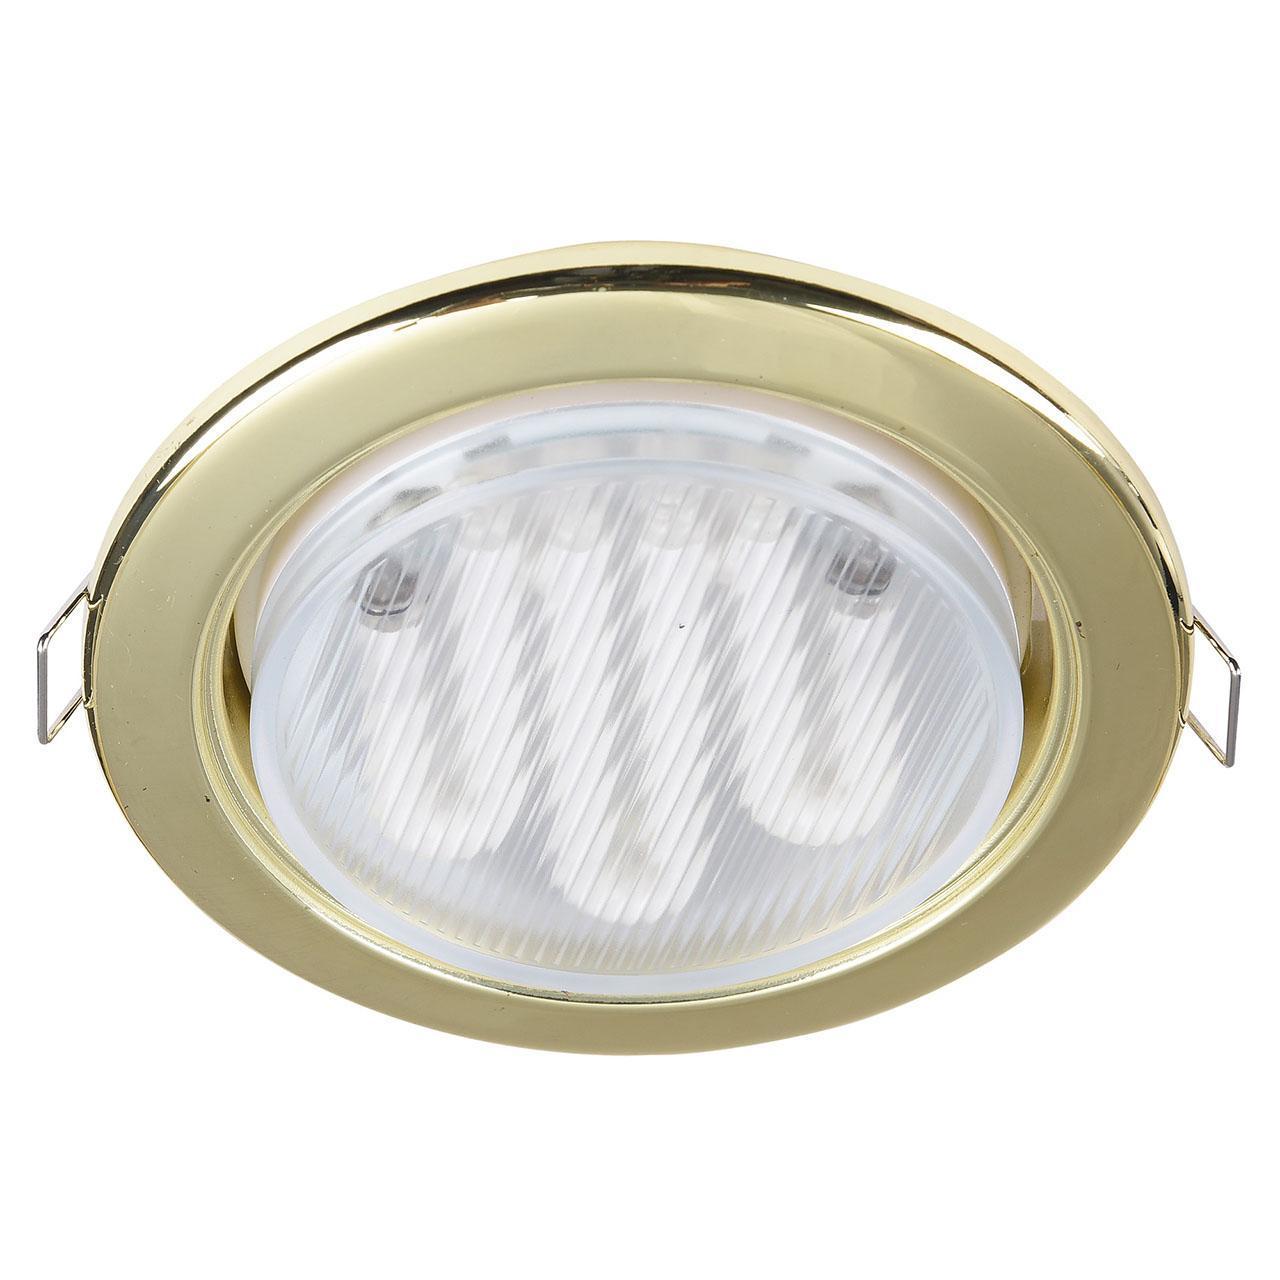 Встраиваемый светильник Maytoni Metal DL293-01-G встраиваемый светильник maytoni dl293 01 g